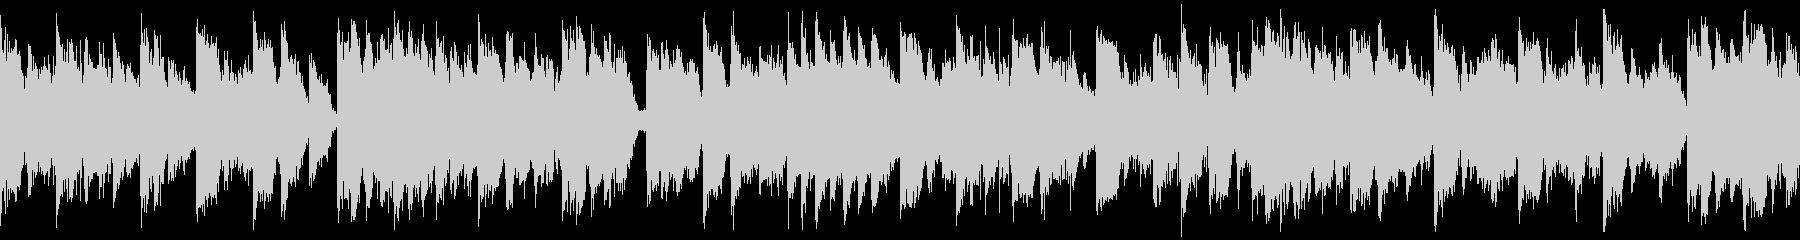 【ループ】速めテンポのかわいいEDMの未再生の波形